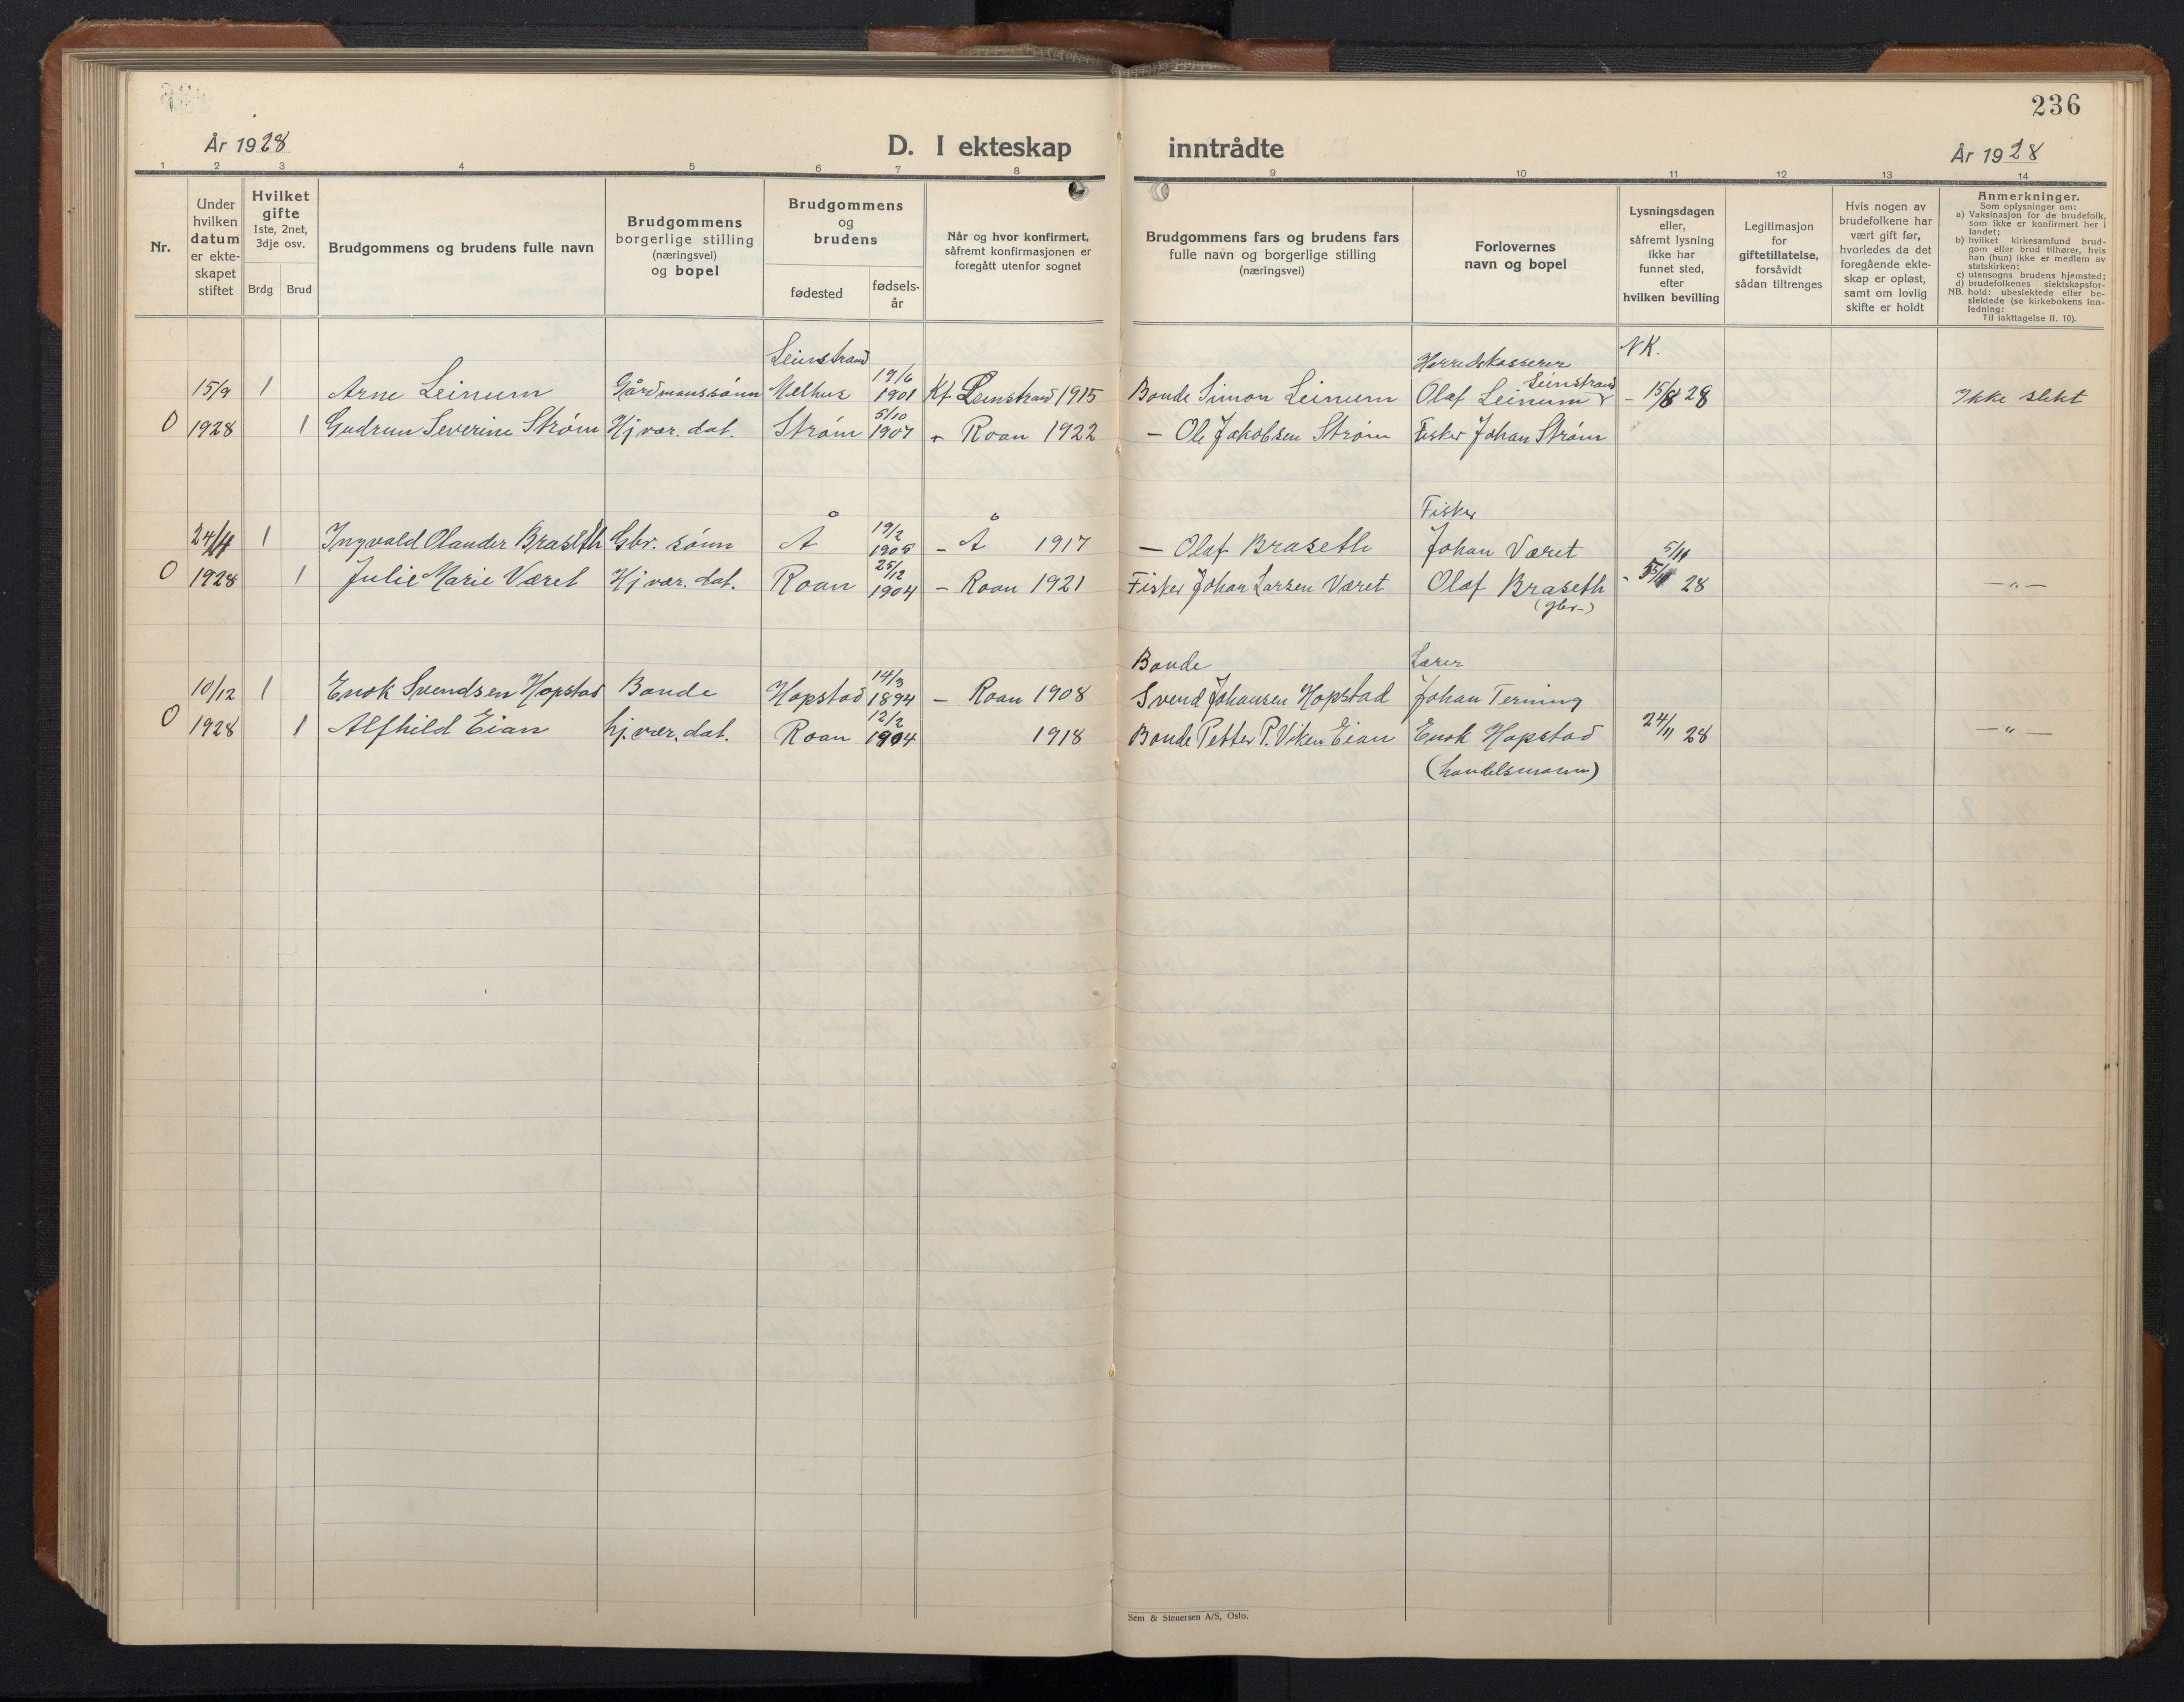 SAT, Ministerialprotokoller, klokkerbøker og fødselsregistre - Sør-Trøndelag, 657/L0718: Klokkerbok nr. 657C05, 1923-1948, s. 236